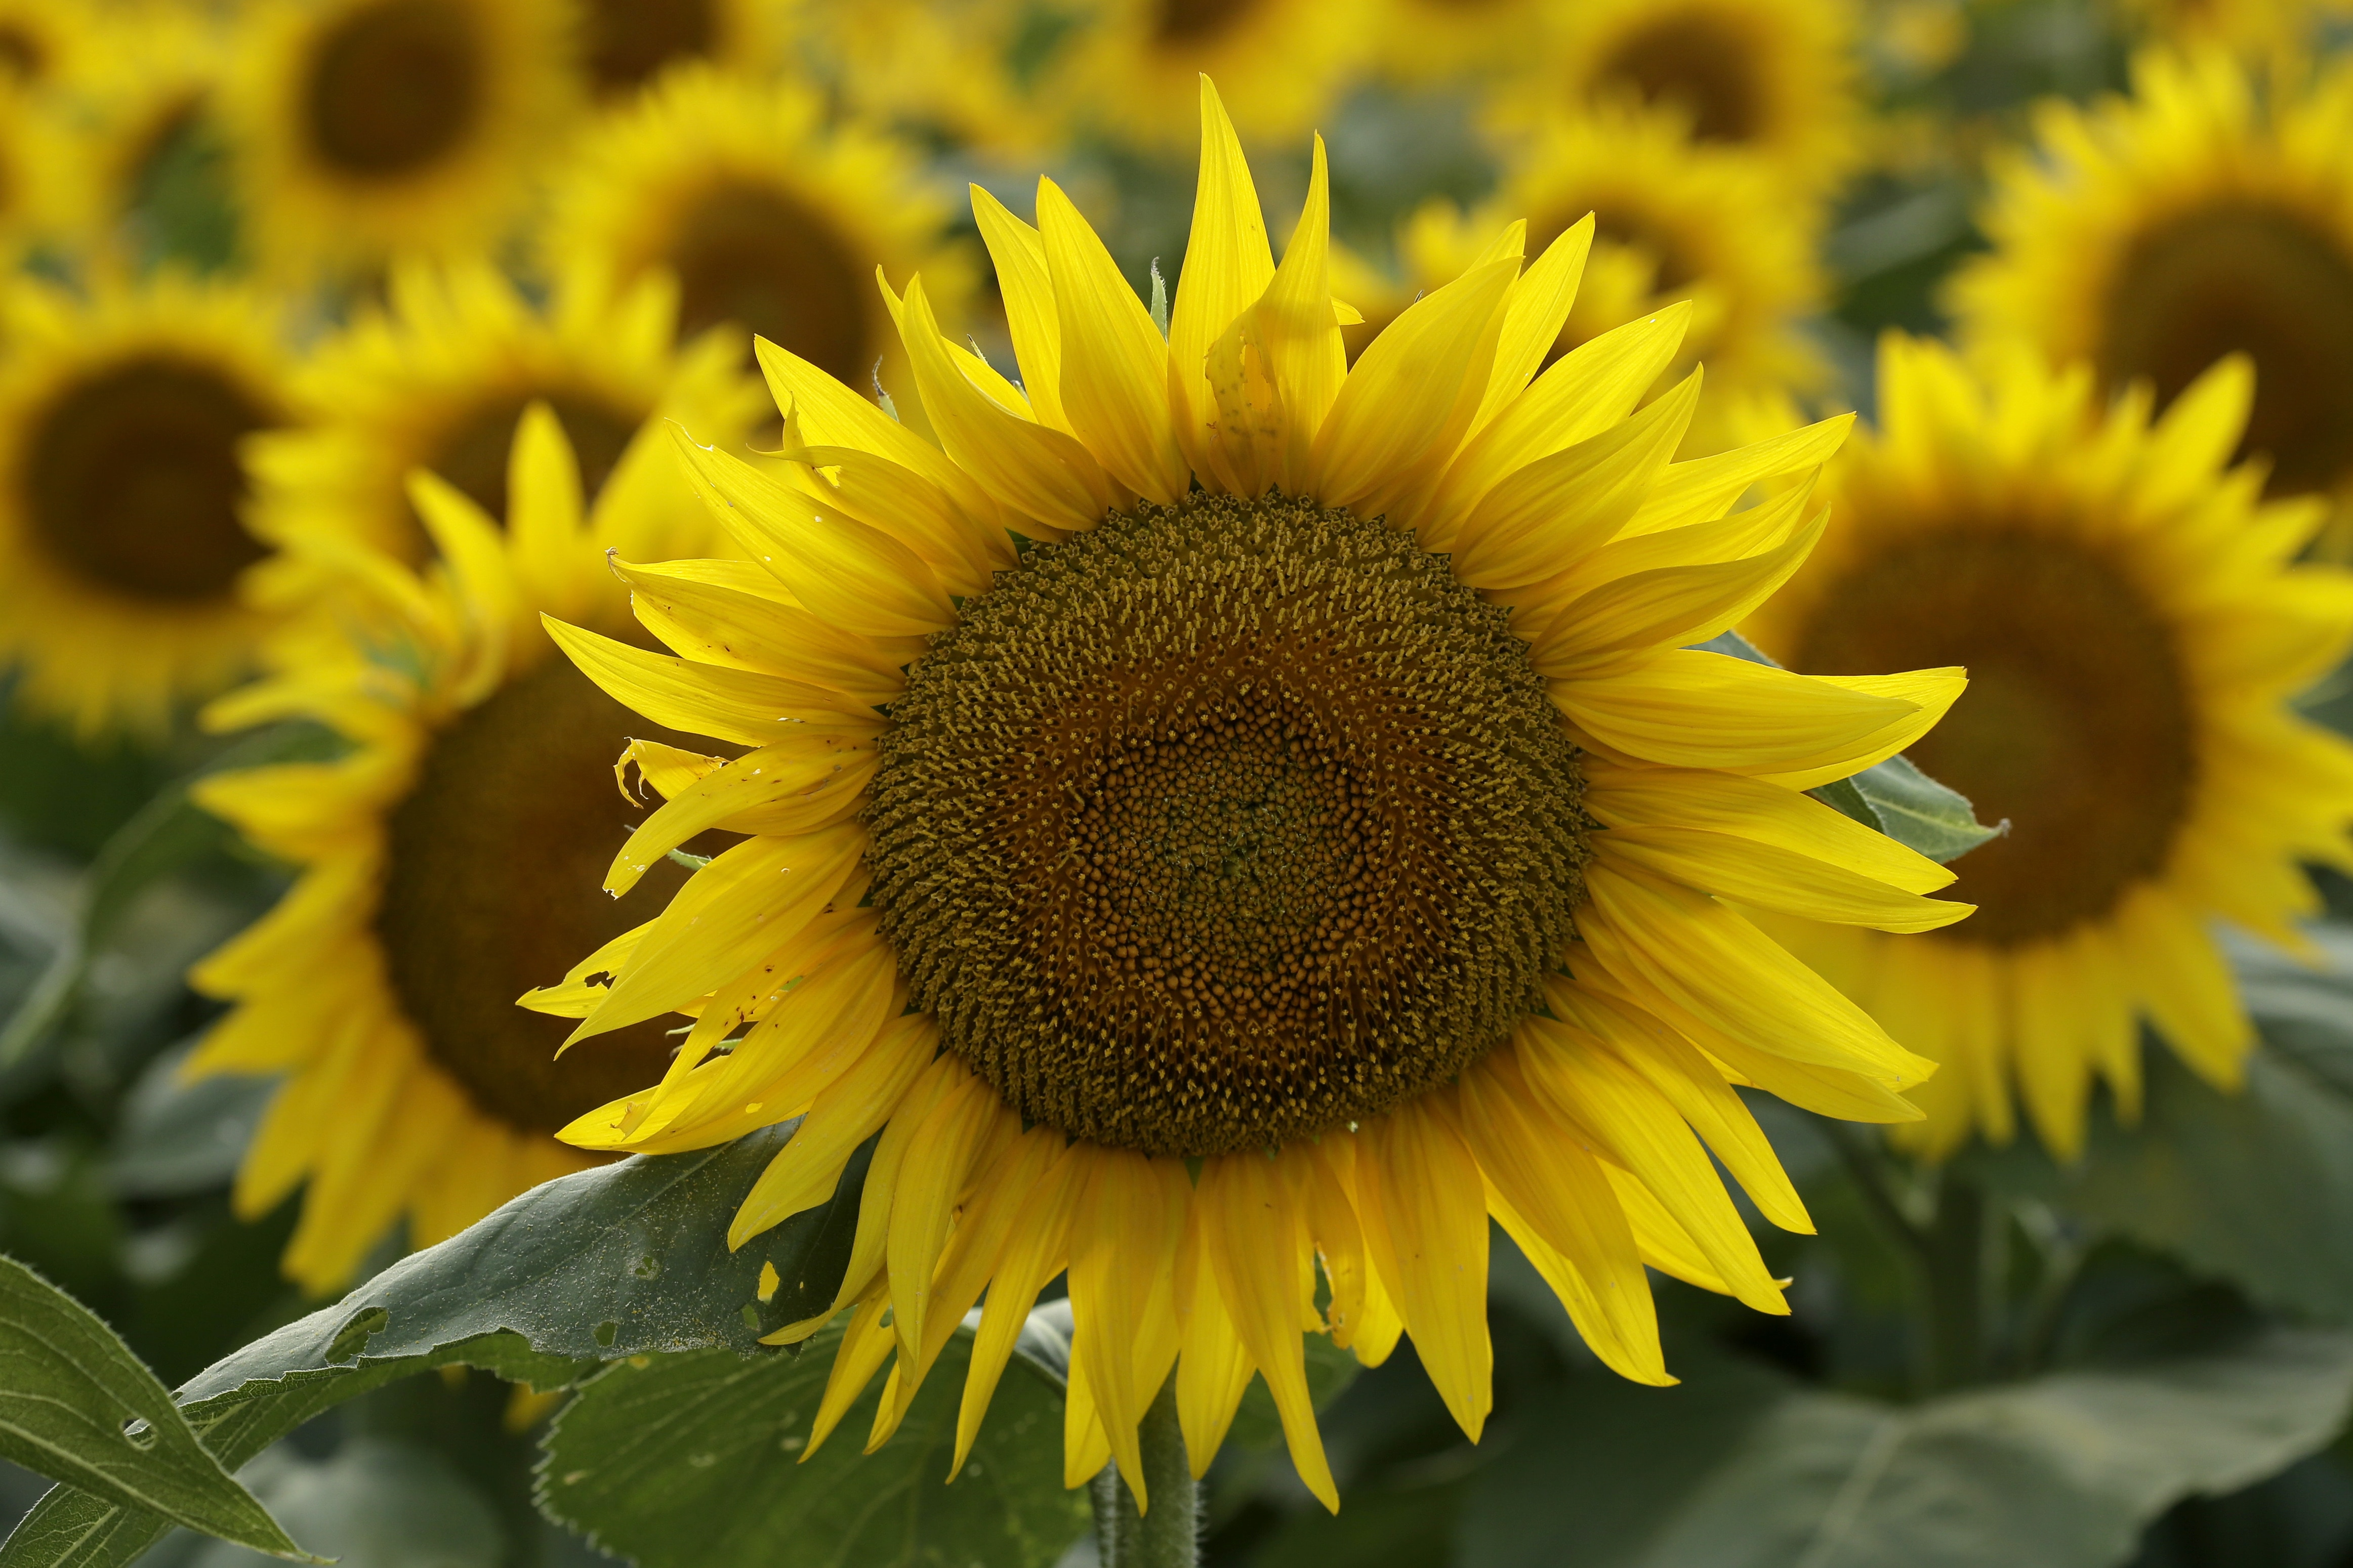 گل های آفتابگردانی که در یک مزرعه شکوفا شده اند (عکس از آسوشیتد پرس)